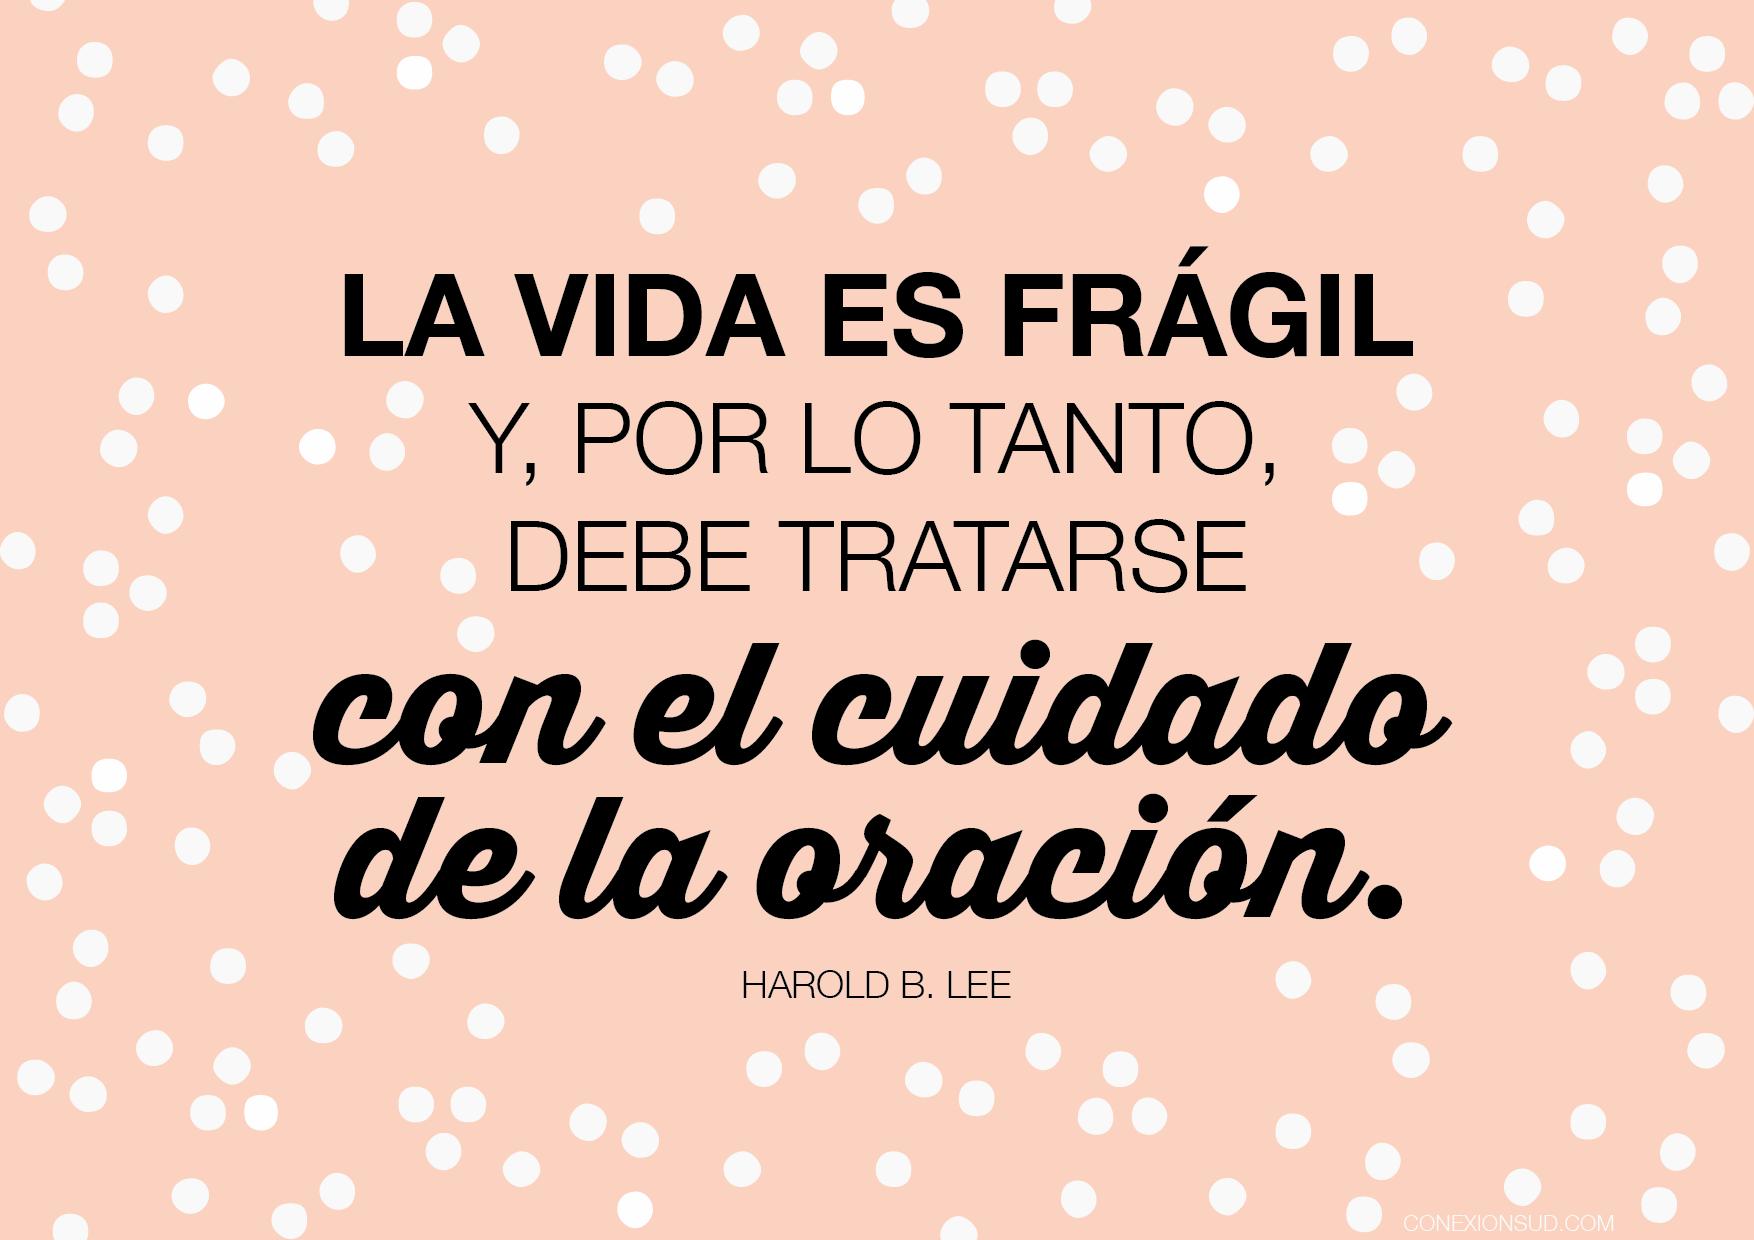 La vida es frágil y, por lo tanto, debe tratarse con el cuidado de la oración - Conexión SUD